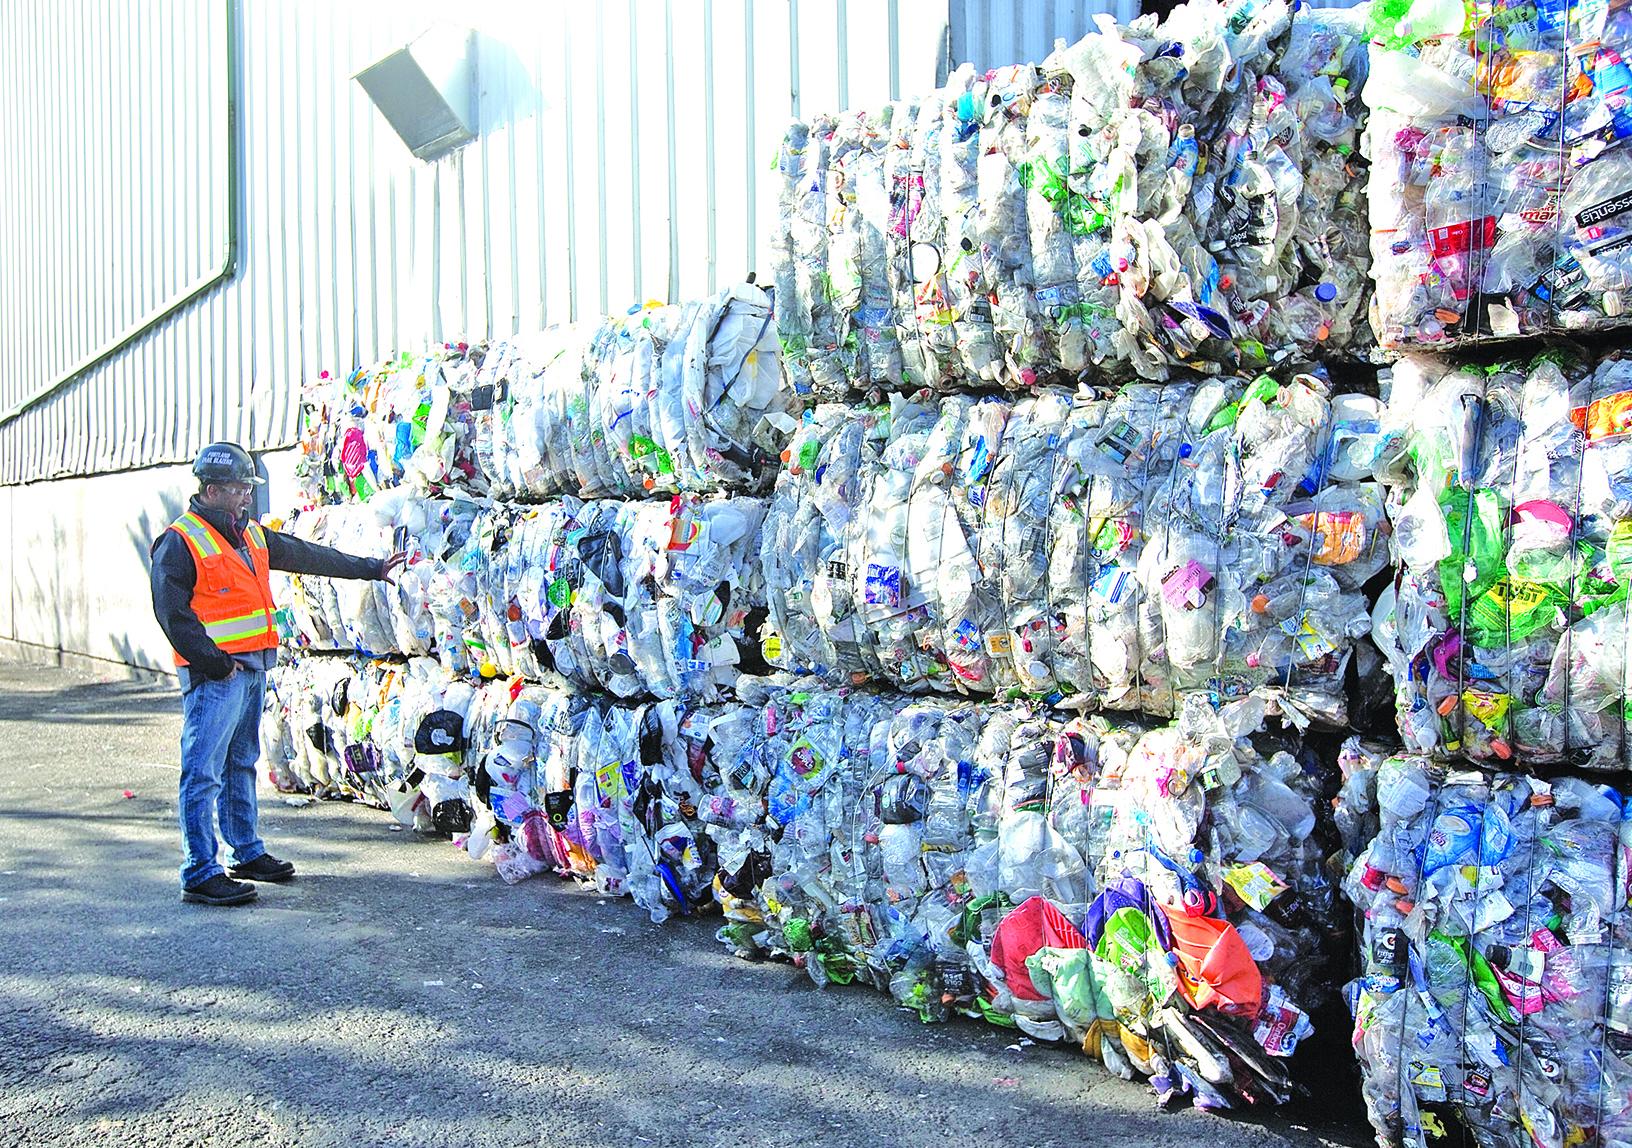 俄勒岡一家垃圾回收廠的壓縮塑料垃圾目前沒有了「去處」。(Getty Images)